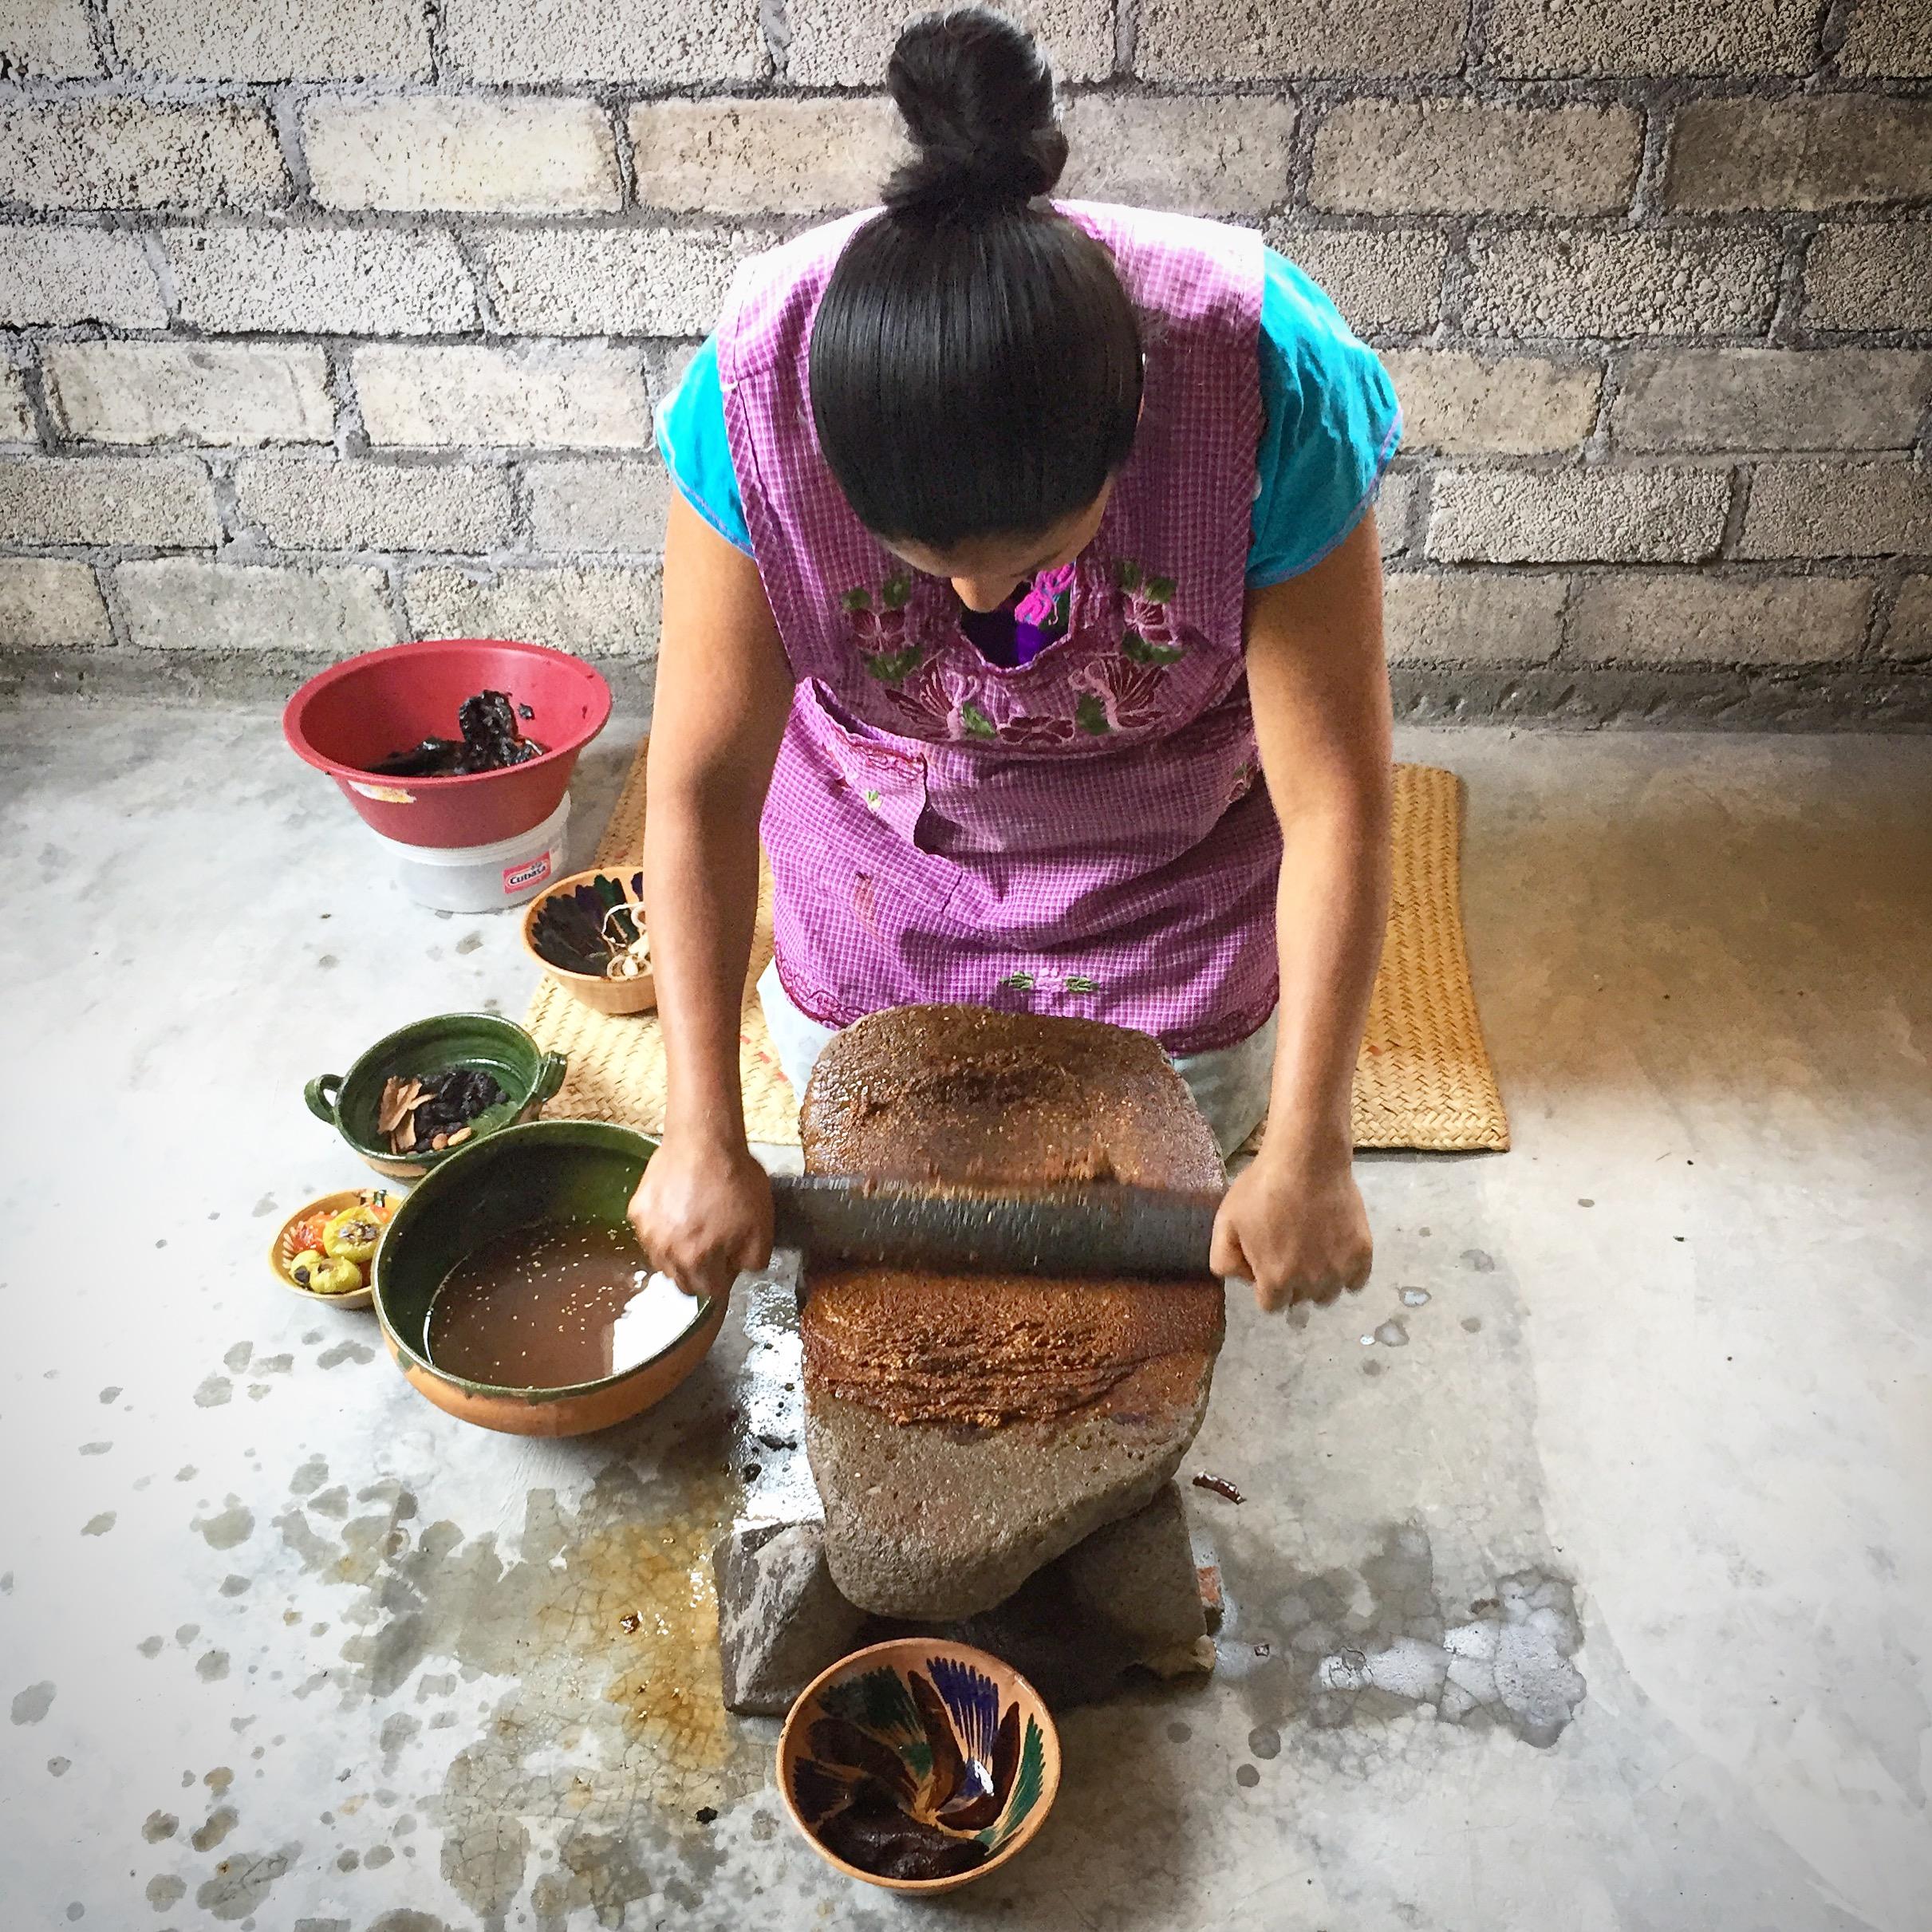 MEXICO SOSTENIBLE - MUJER Y VIAJERA - VIAJAR SOLA - VIAJES PARA MUJERES27